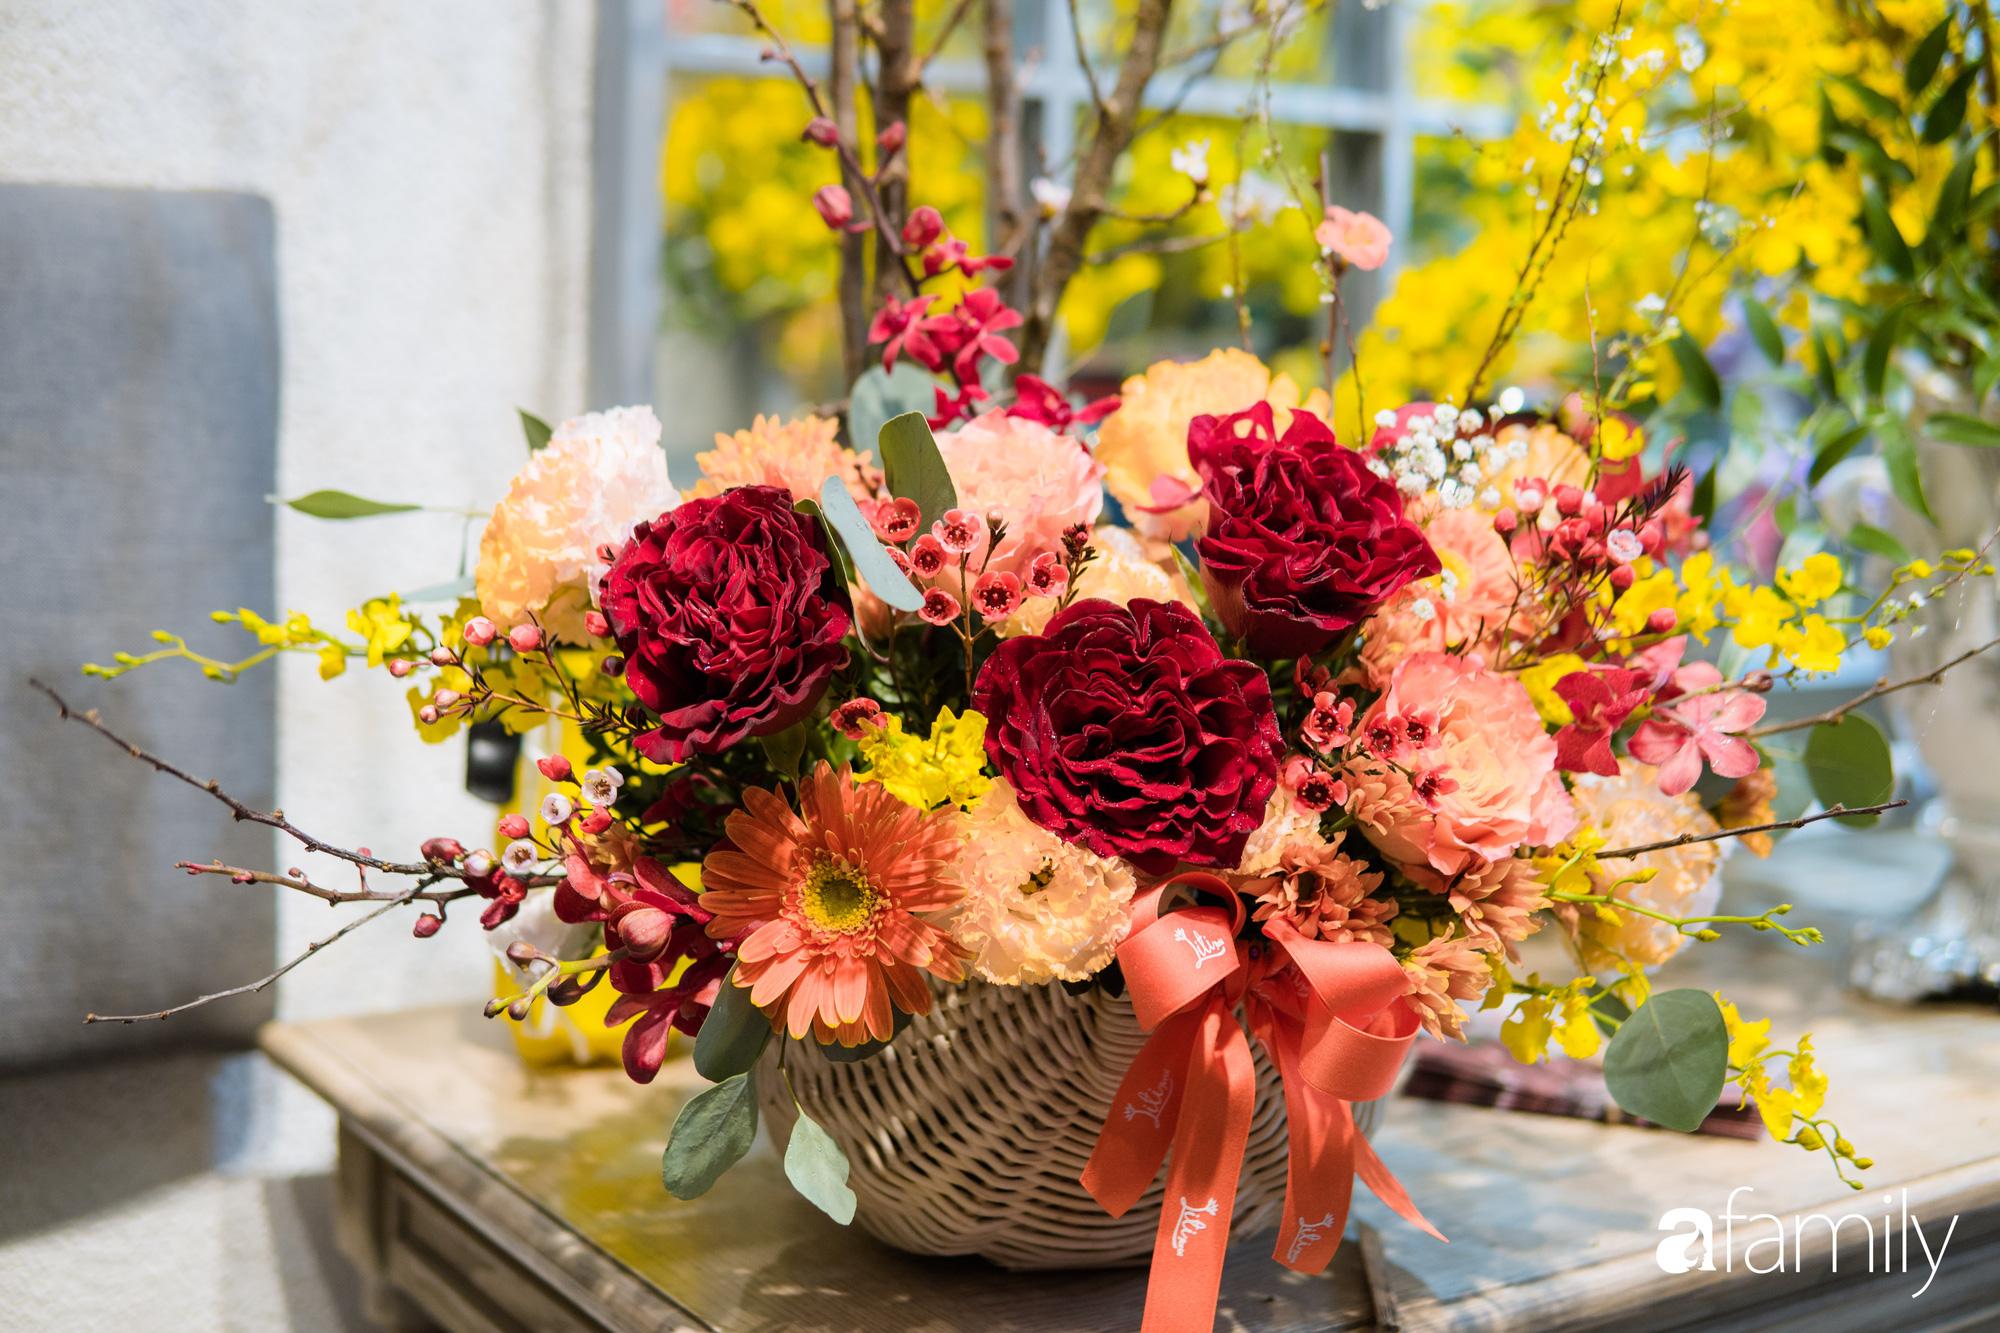 """Ngắm những loài hoa nhập khẩu đẹp lạ """"sang chảnh"""" để hiểu tại sao các đại gia Hà thành sẵn sàng chi 50 triệu sắm hoa đẹp chơi Tết - Ảnh 10."""